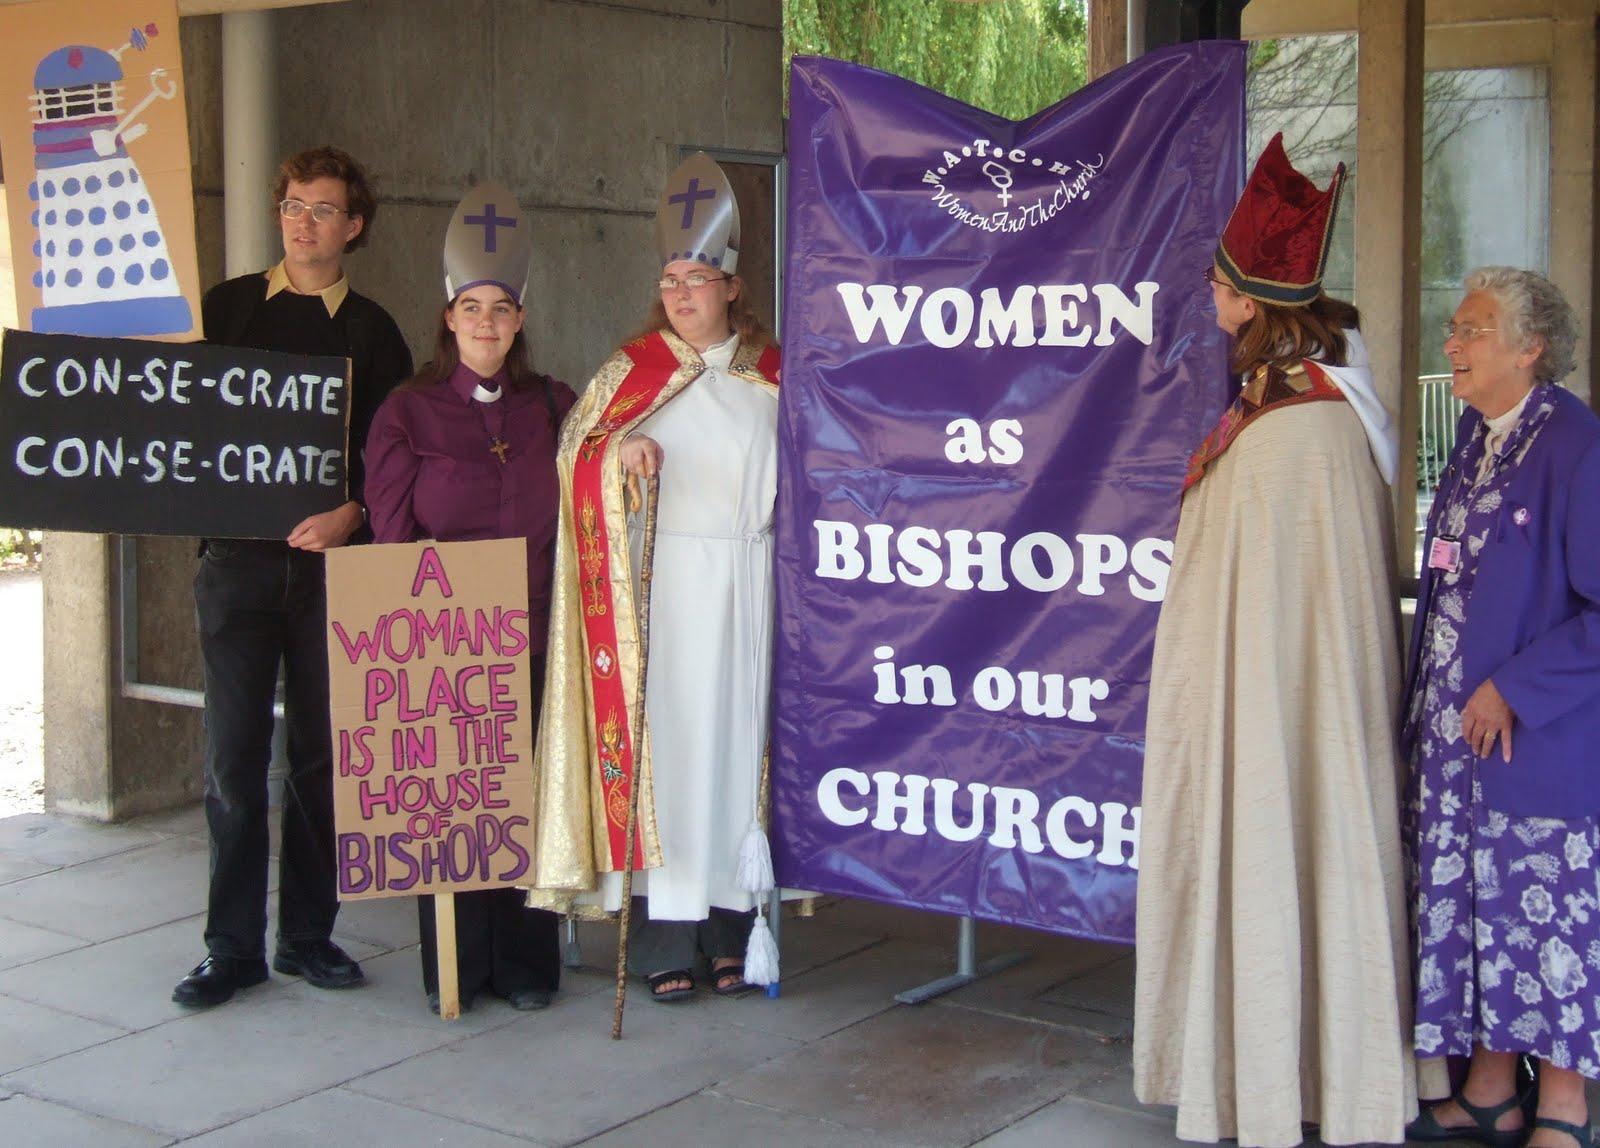 http://2.bp.blogspot.com/_pMqNaWEUTt8/TP1yqP_-bJI/AAAAAAAAGGY/Pbt2xcTSEEQ/s1600/Women+bishops+protest.jpg